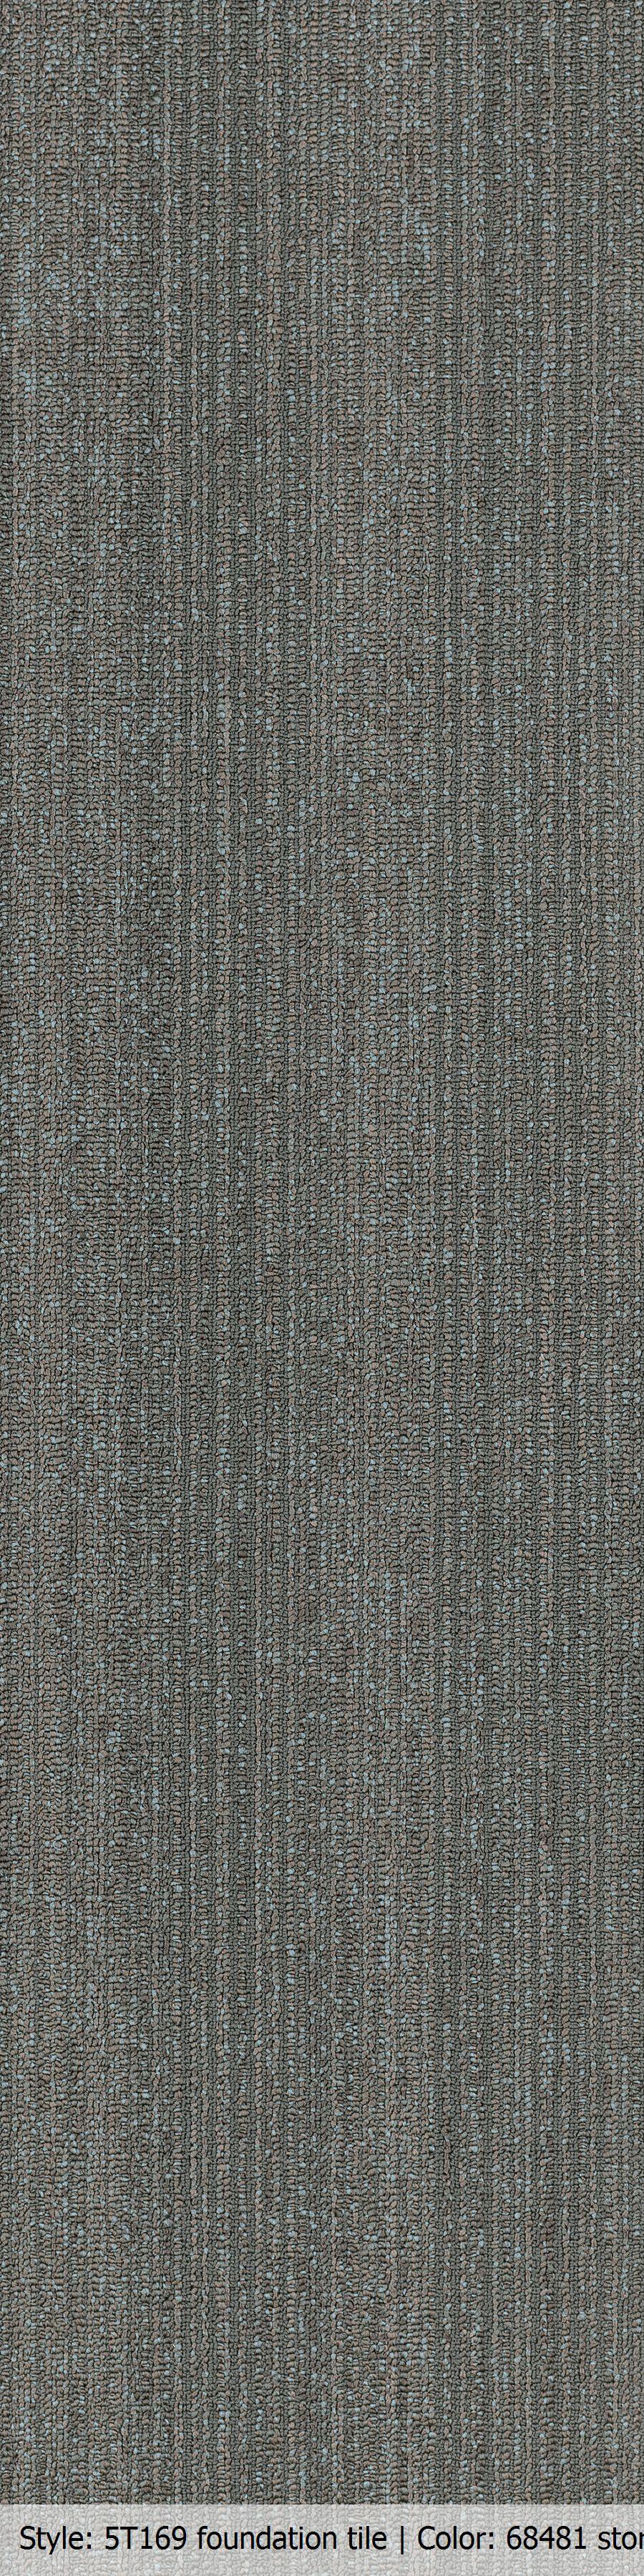 5T169_68481_MAIN.jpg